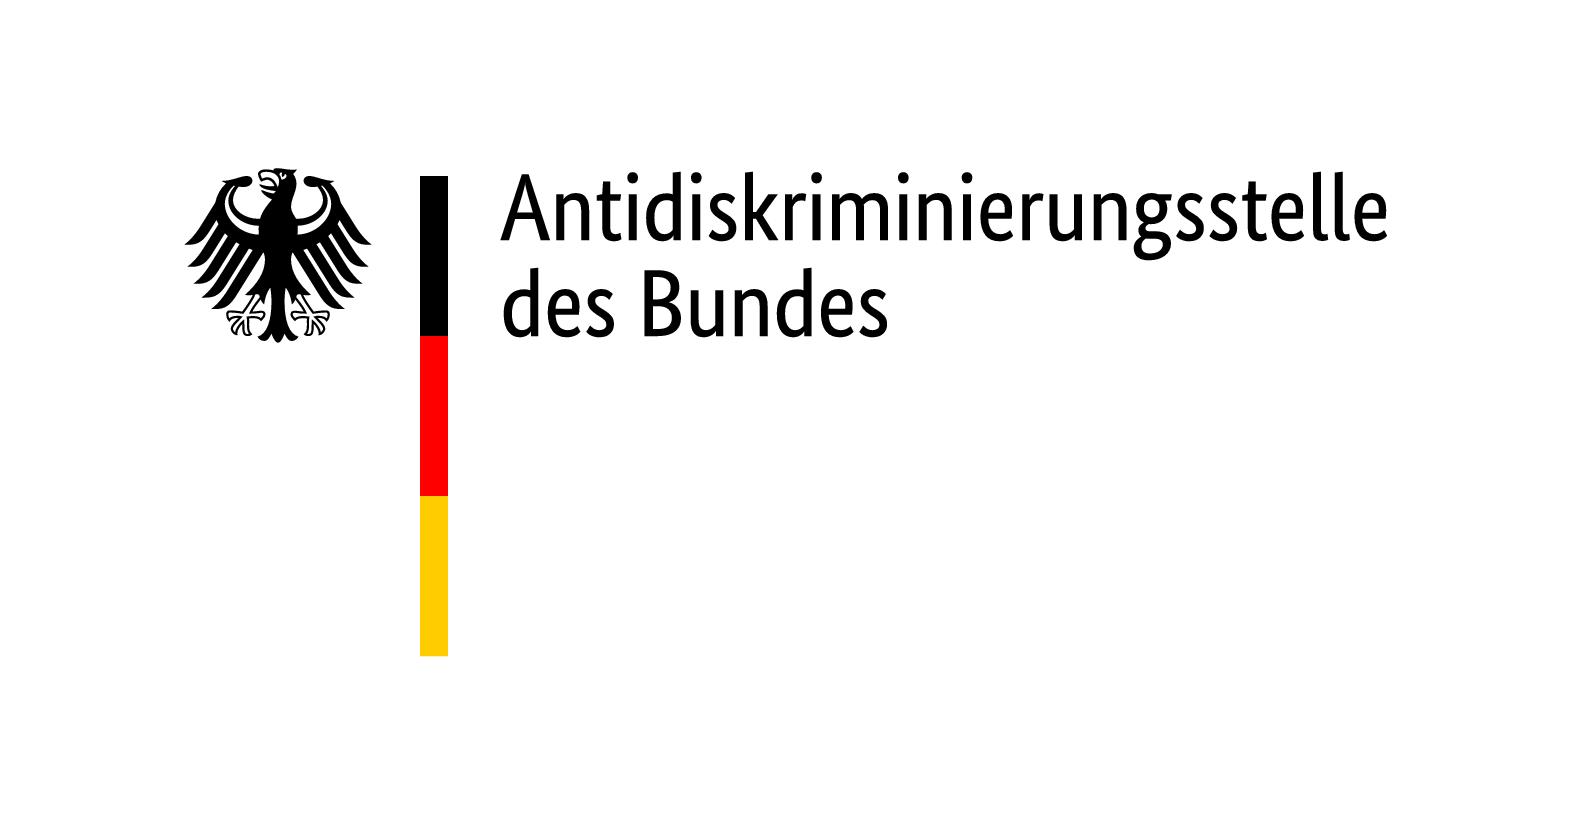 Logo Antidiskriminierungsstelle des Bundes